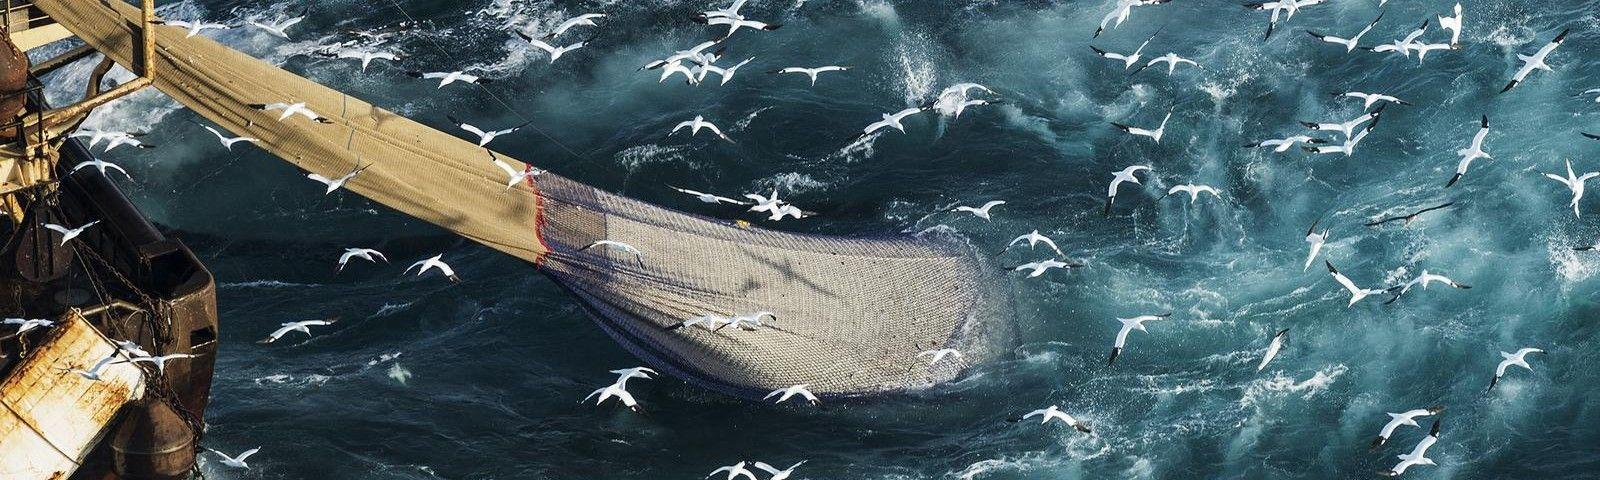 UK seeks leadership position on marine protection